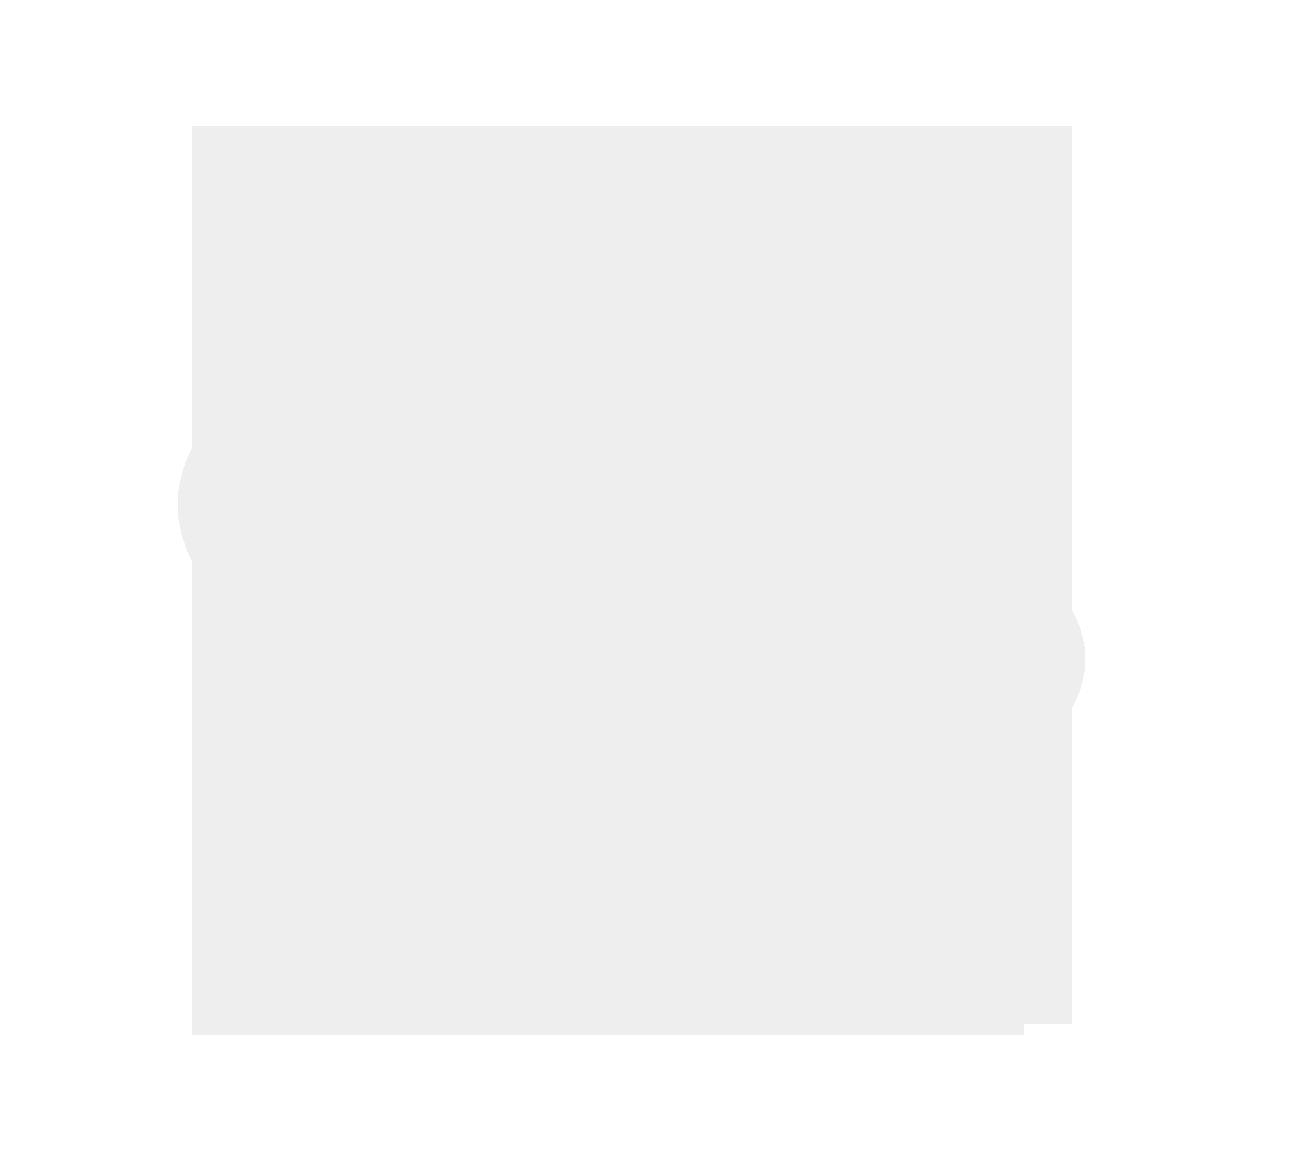 PCLS 2